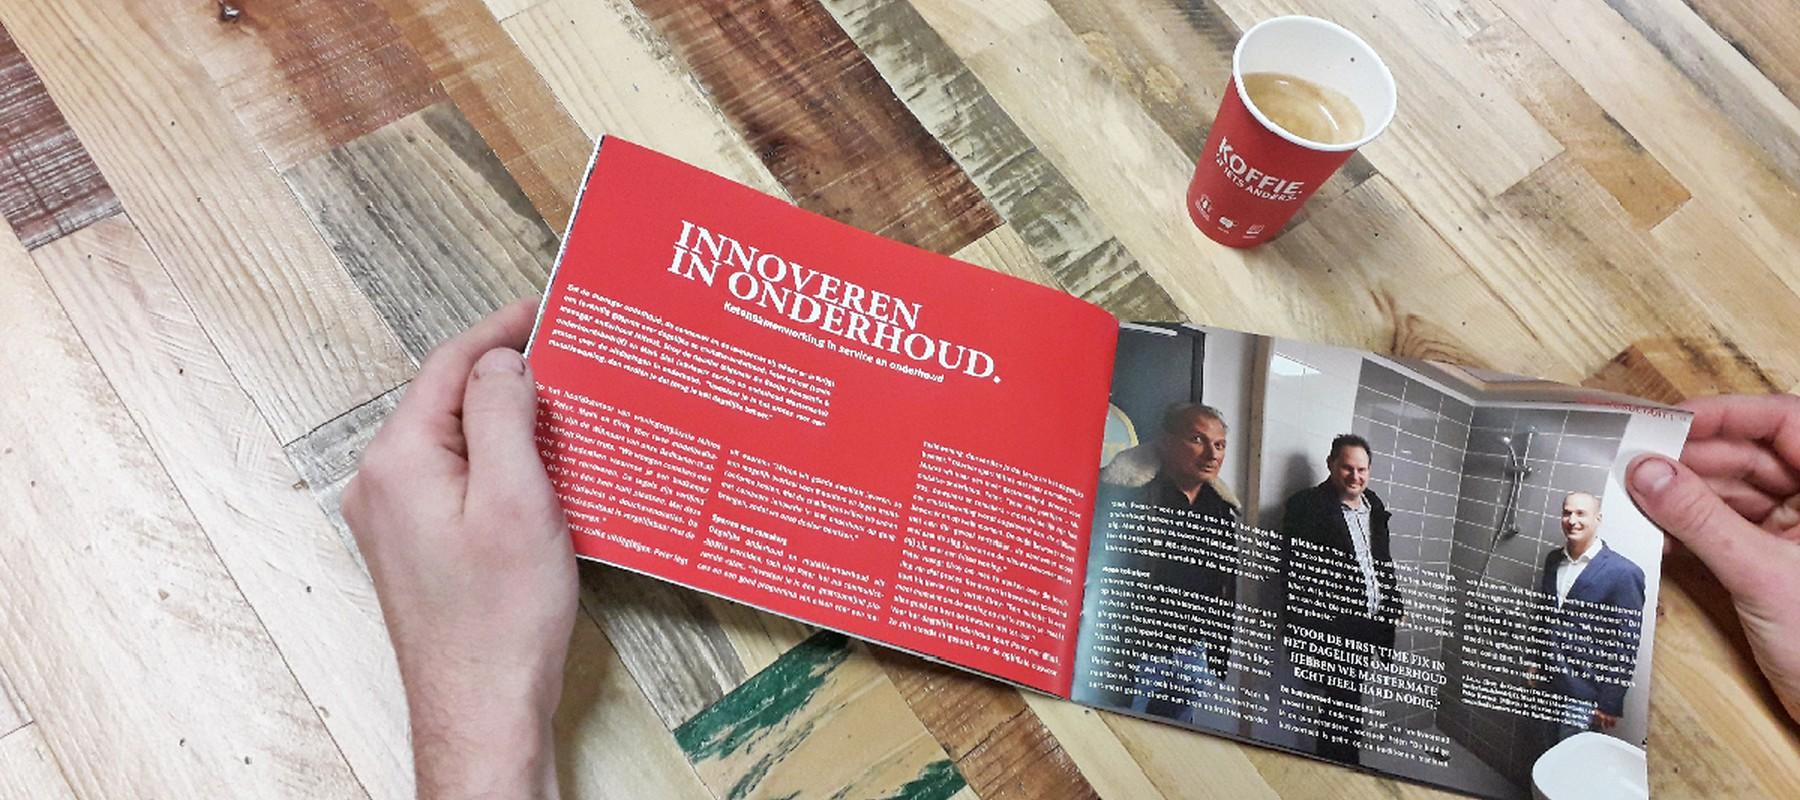 Nieuwe Maximaal over innoveren in onderhoud